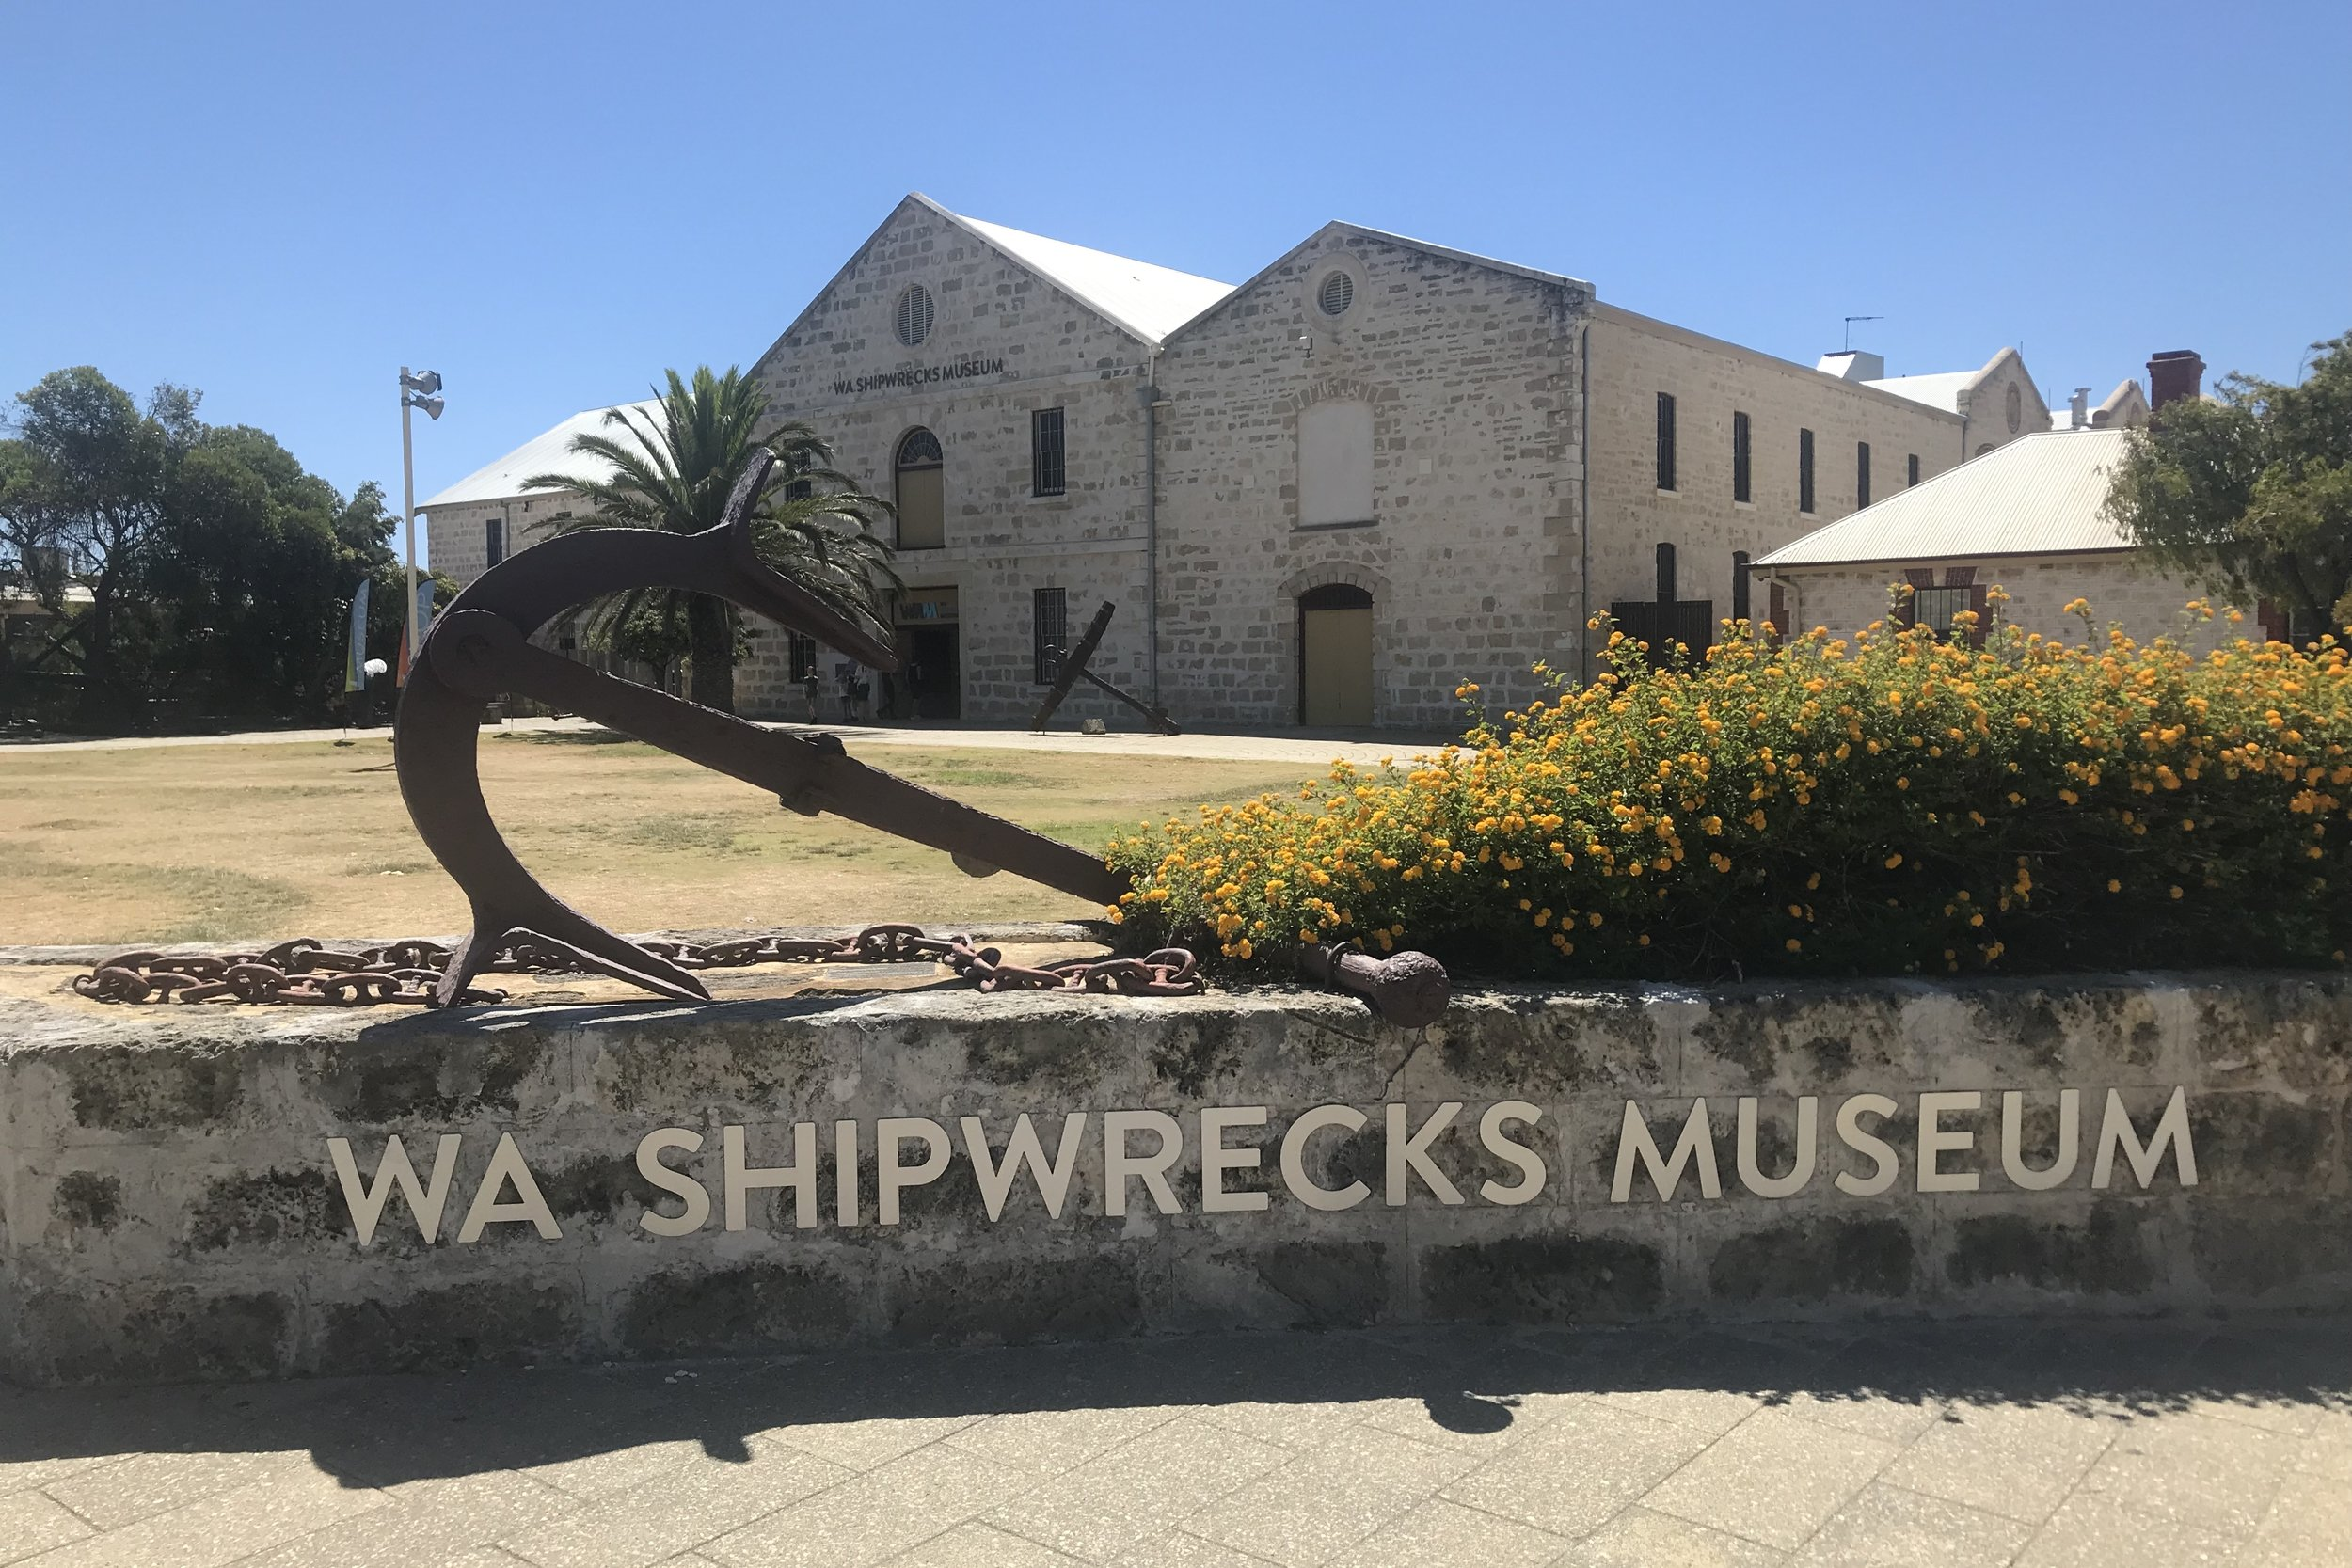 WA Shipwrecks Museum